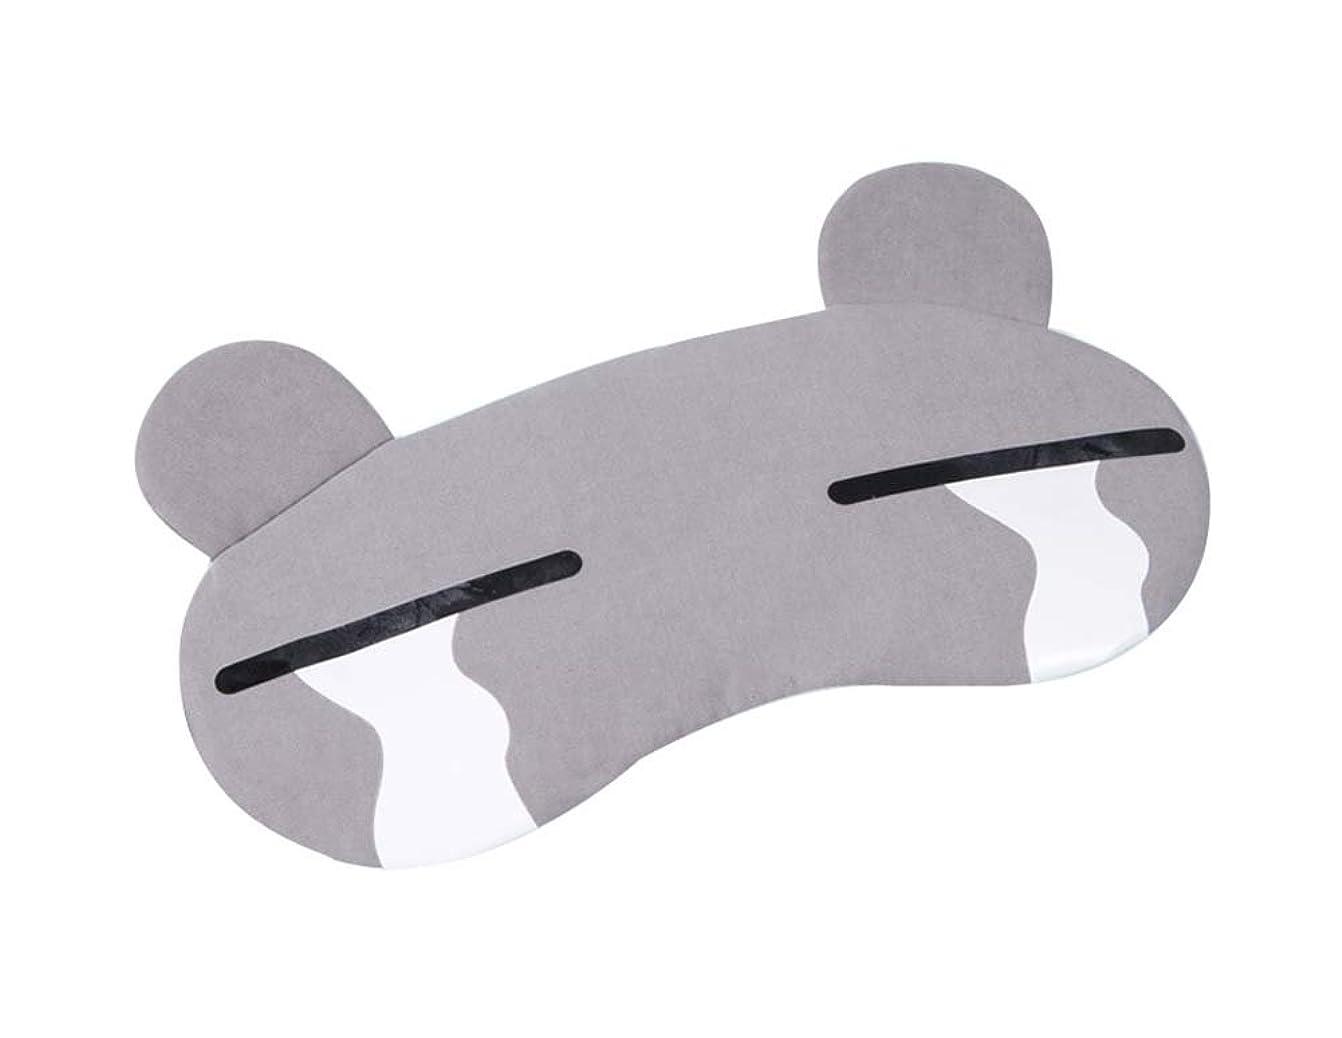 オゾンそれ申し立てグレー泣く睡眠の目マスク快適な目のカバー通気性のあるアイシェイド